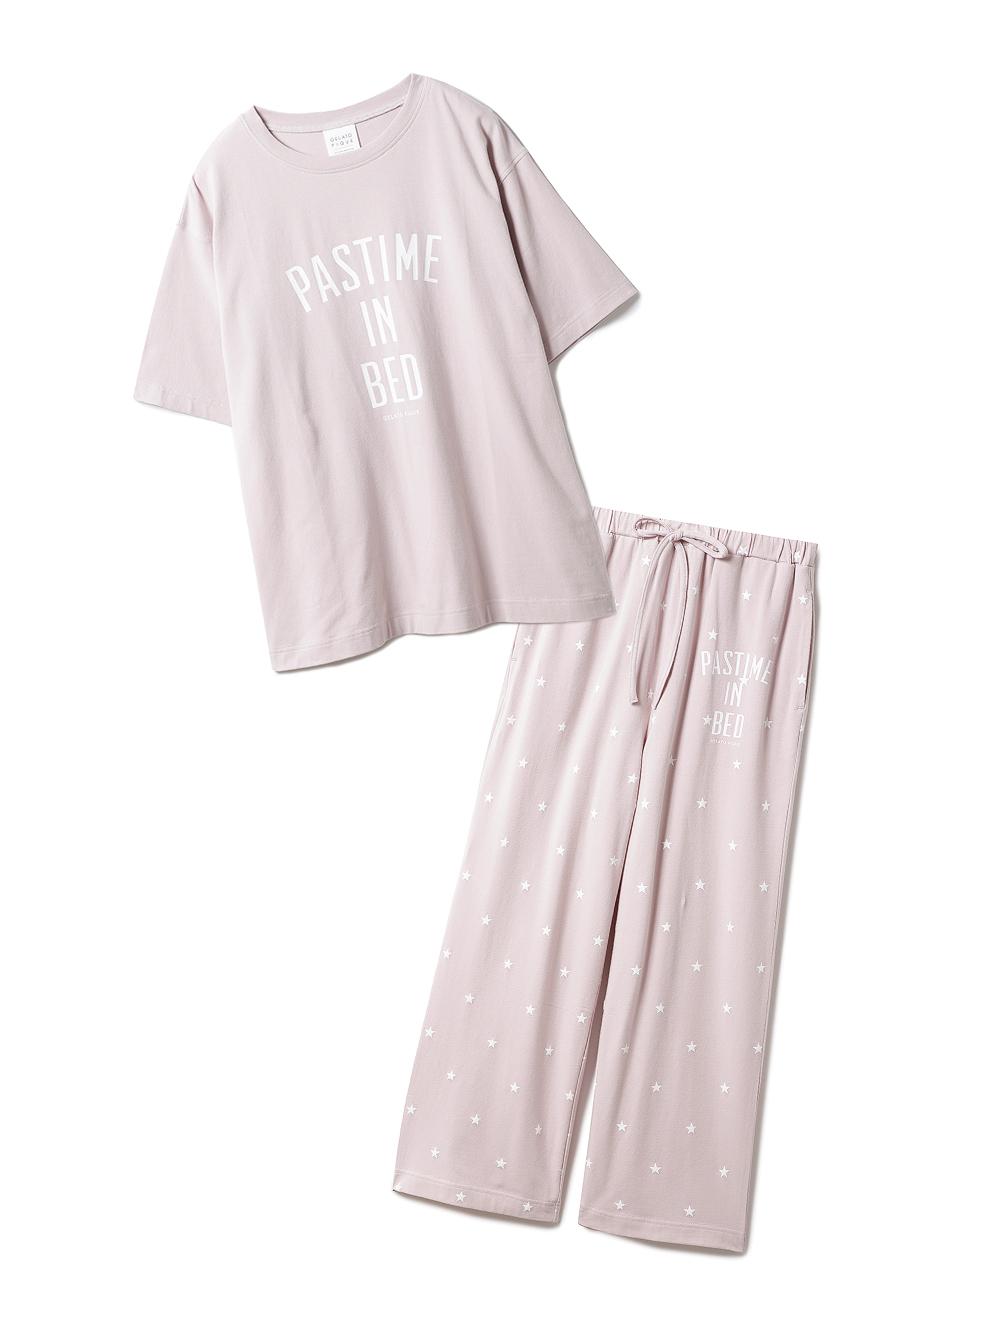 【ラッピング】ロゴスター柄ワンポイントTシャツ&ロングパンツSET(PNK-F)